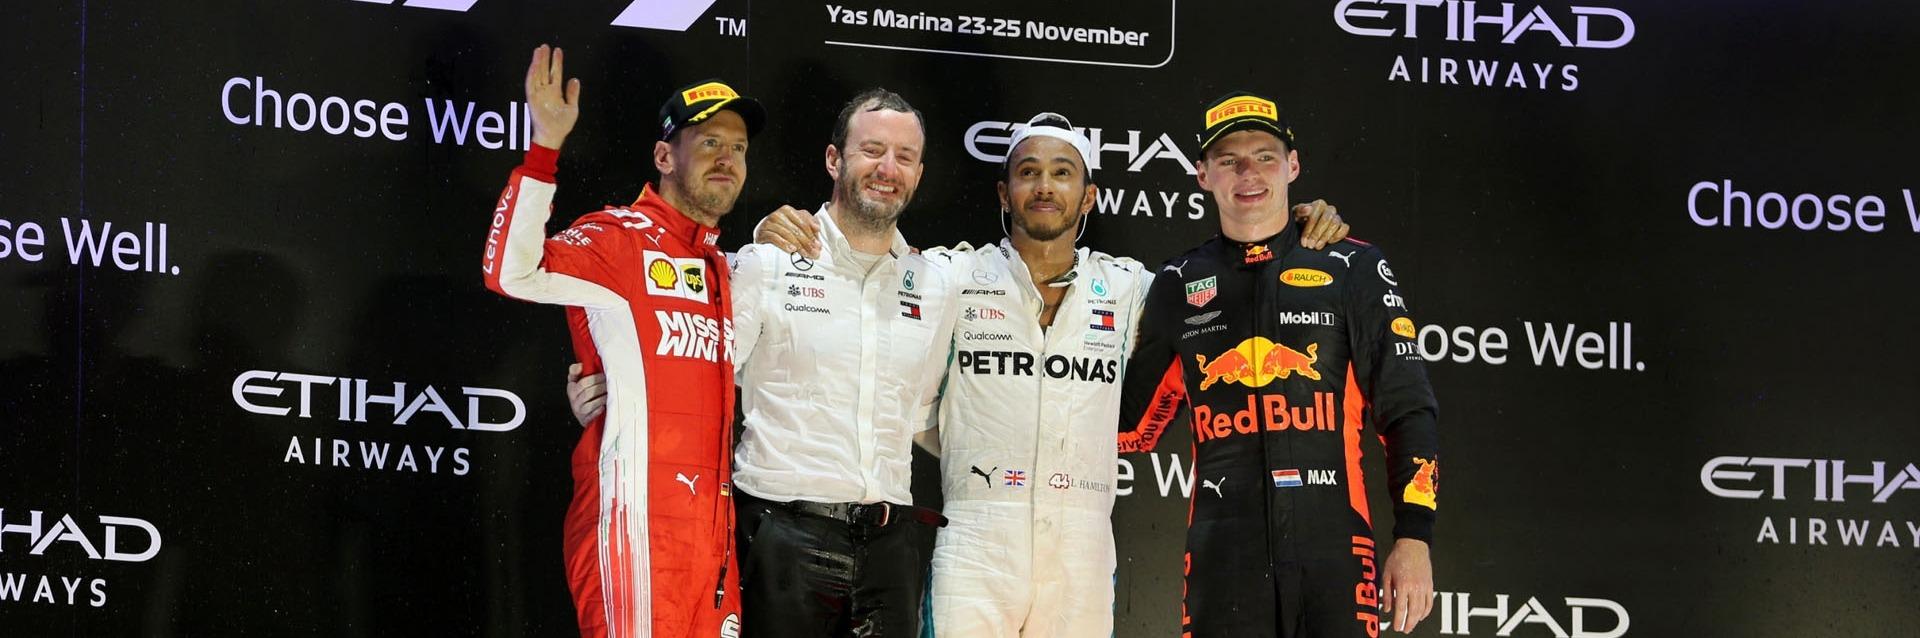 GP de Abu Dhabi: Hamilton vence y Alonso se despide de la Fórmula 1